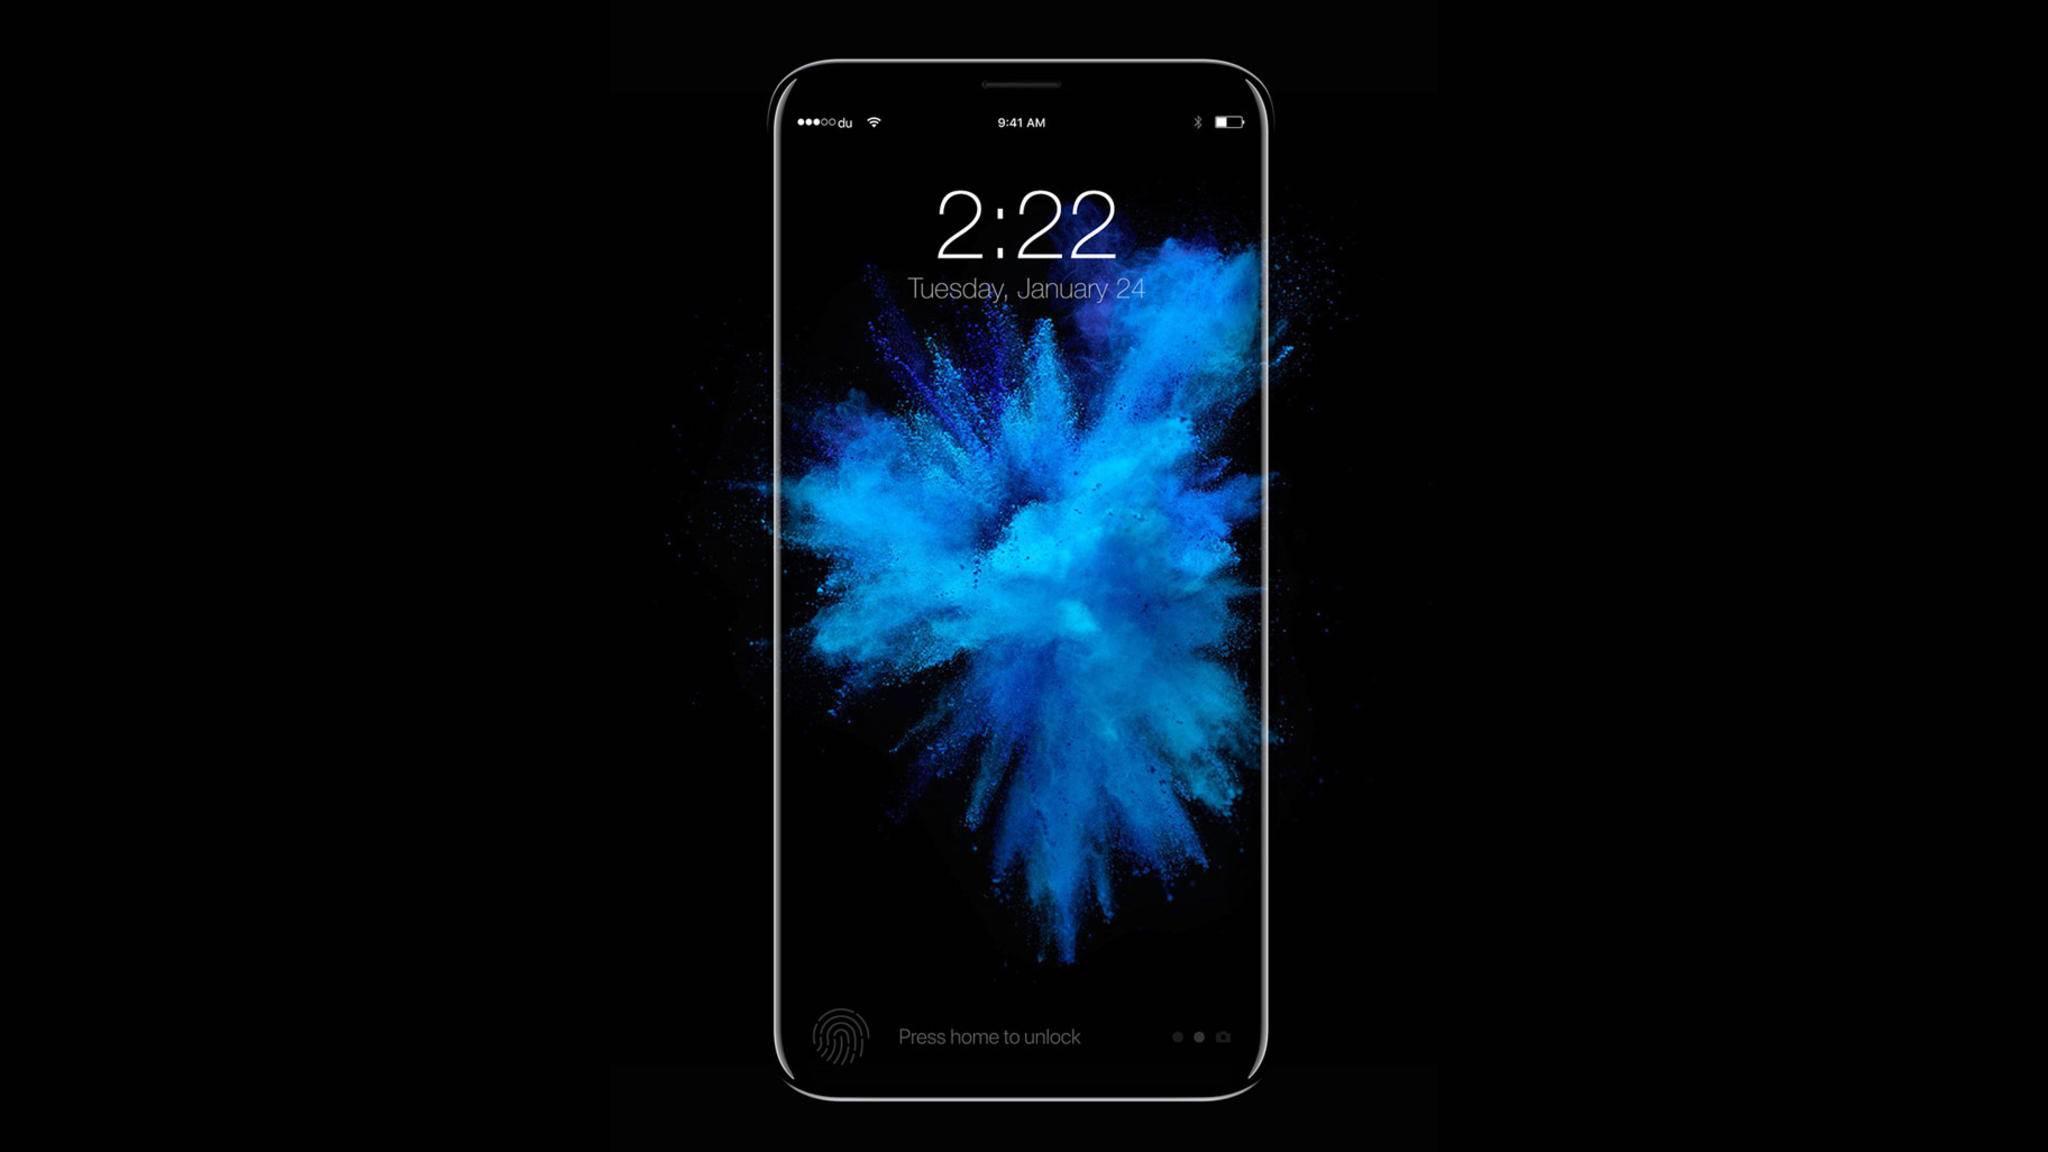 Touch ID unter dem Display? Womöglich könnte die Fingerabdruckerkennung beim iPhone 8 doch an anderer Stelle platziert sein.